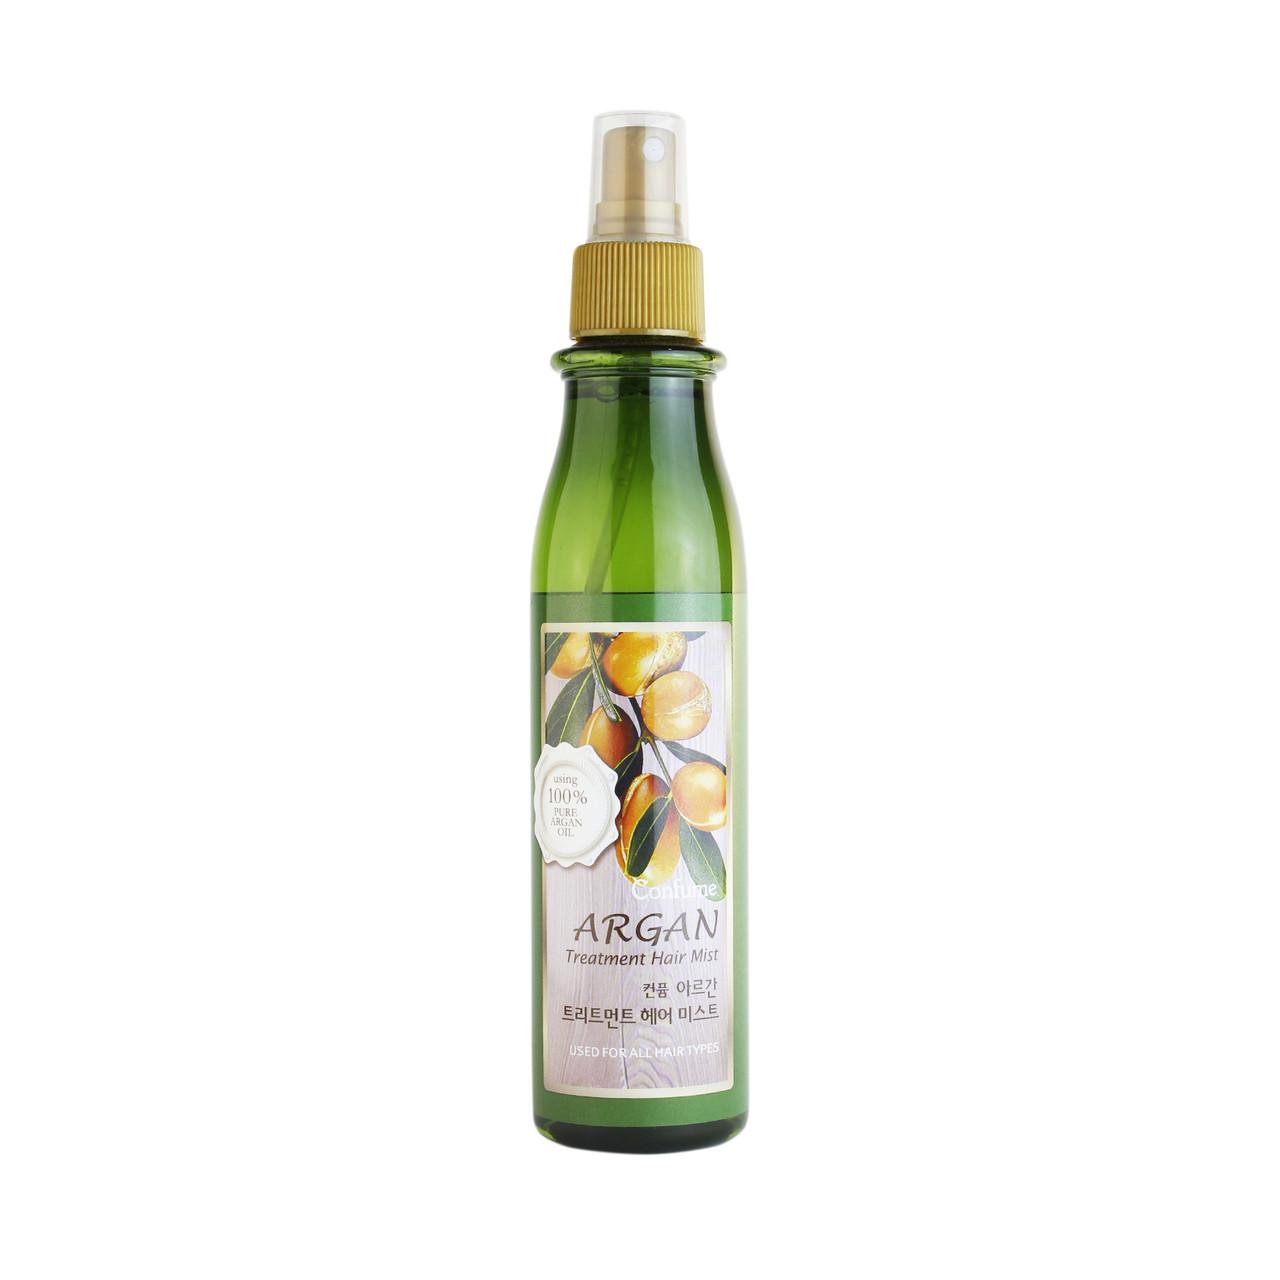 Welcos Confume Argan Treatment Hair Mist Спрей-мист для волос с аргановым маслом 200 мл